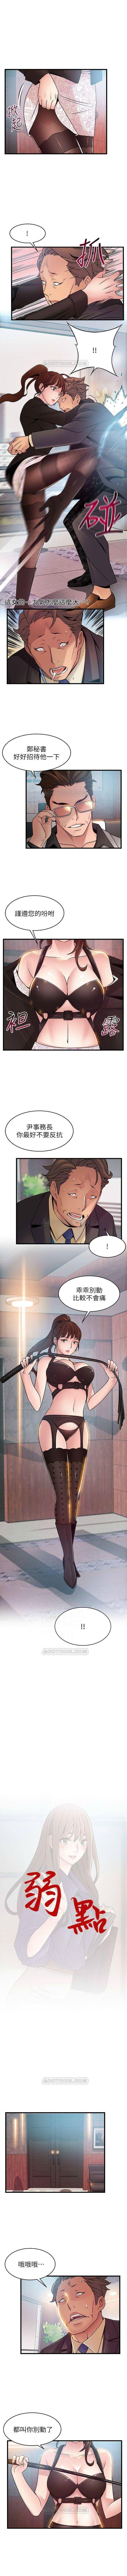 (週7)弱點 1-76 中文翻譯(更新中) 369